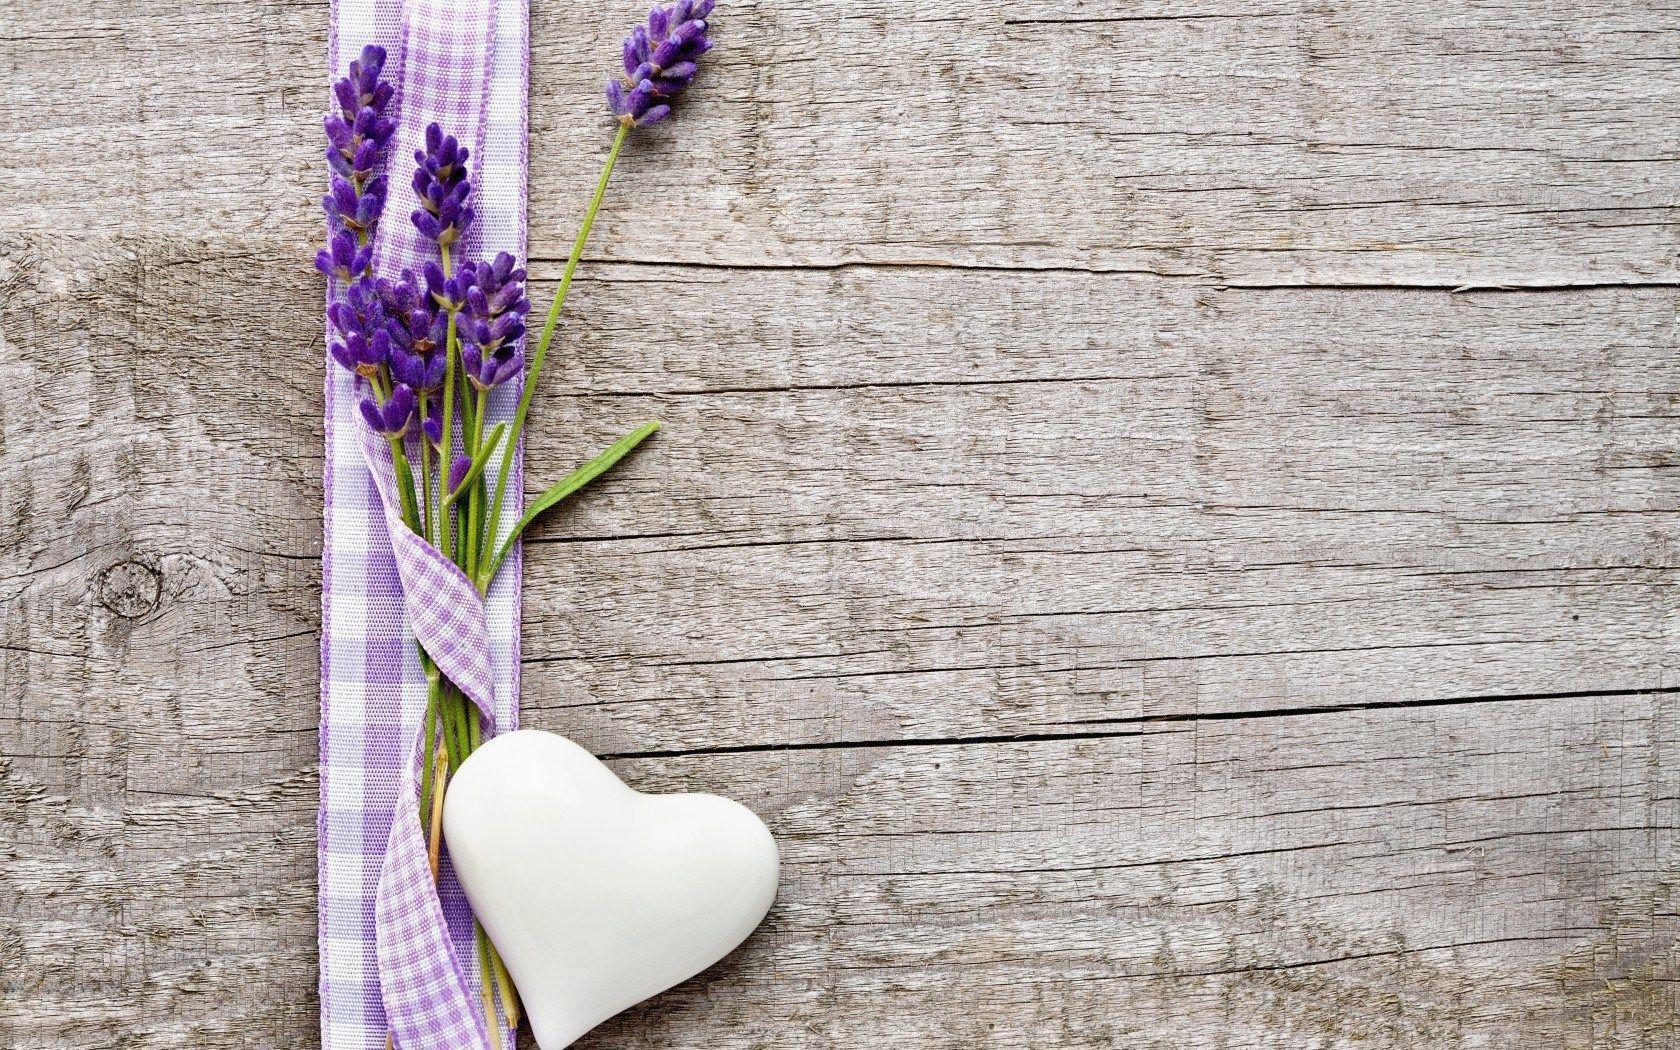 lavender wallpapers wallpaper cave. Black Bedroom Furniture Sets. Home Design Ideas